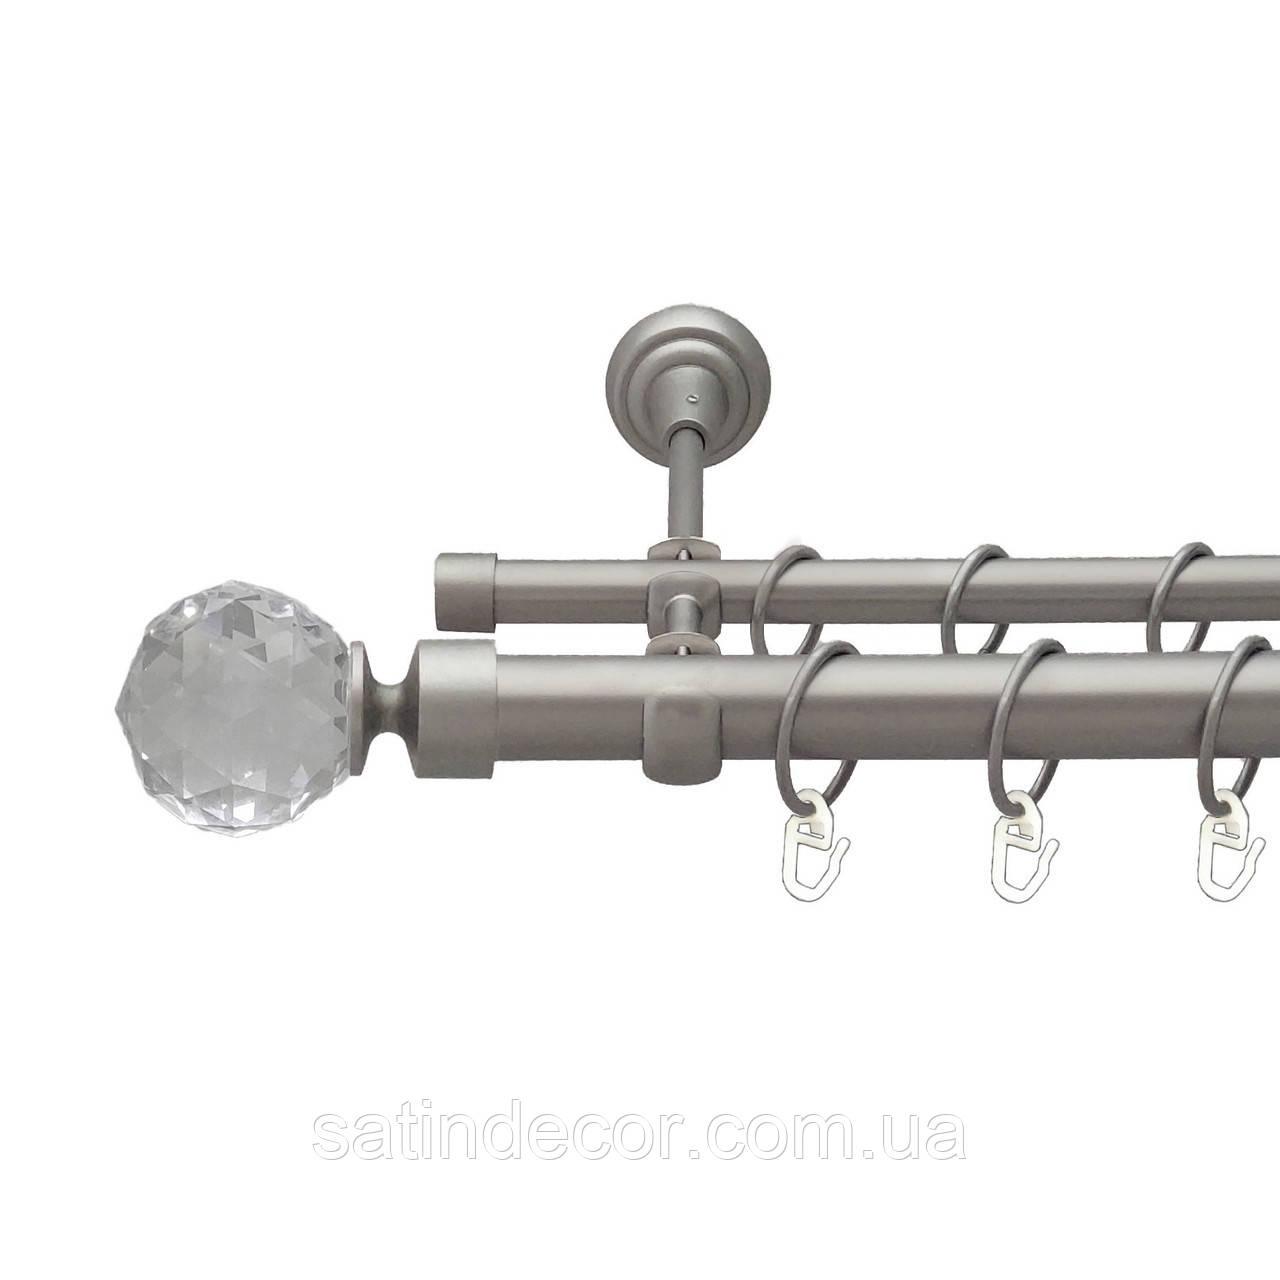 Карниз для штор металевий подвійний 25+19мм ЛЮМІЄРА Сатин нікель Довжина 2.4 м.